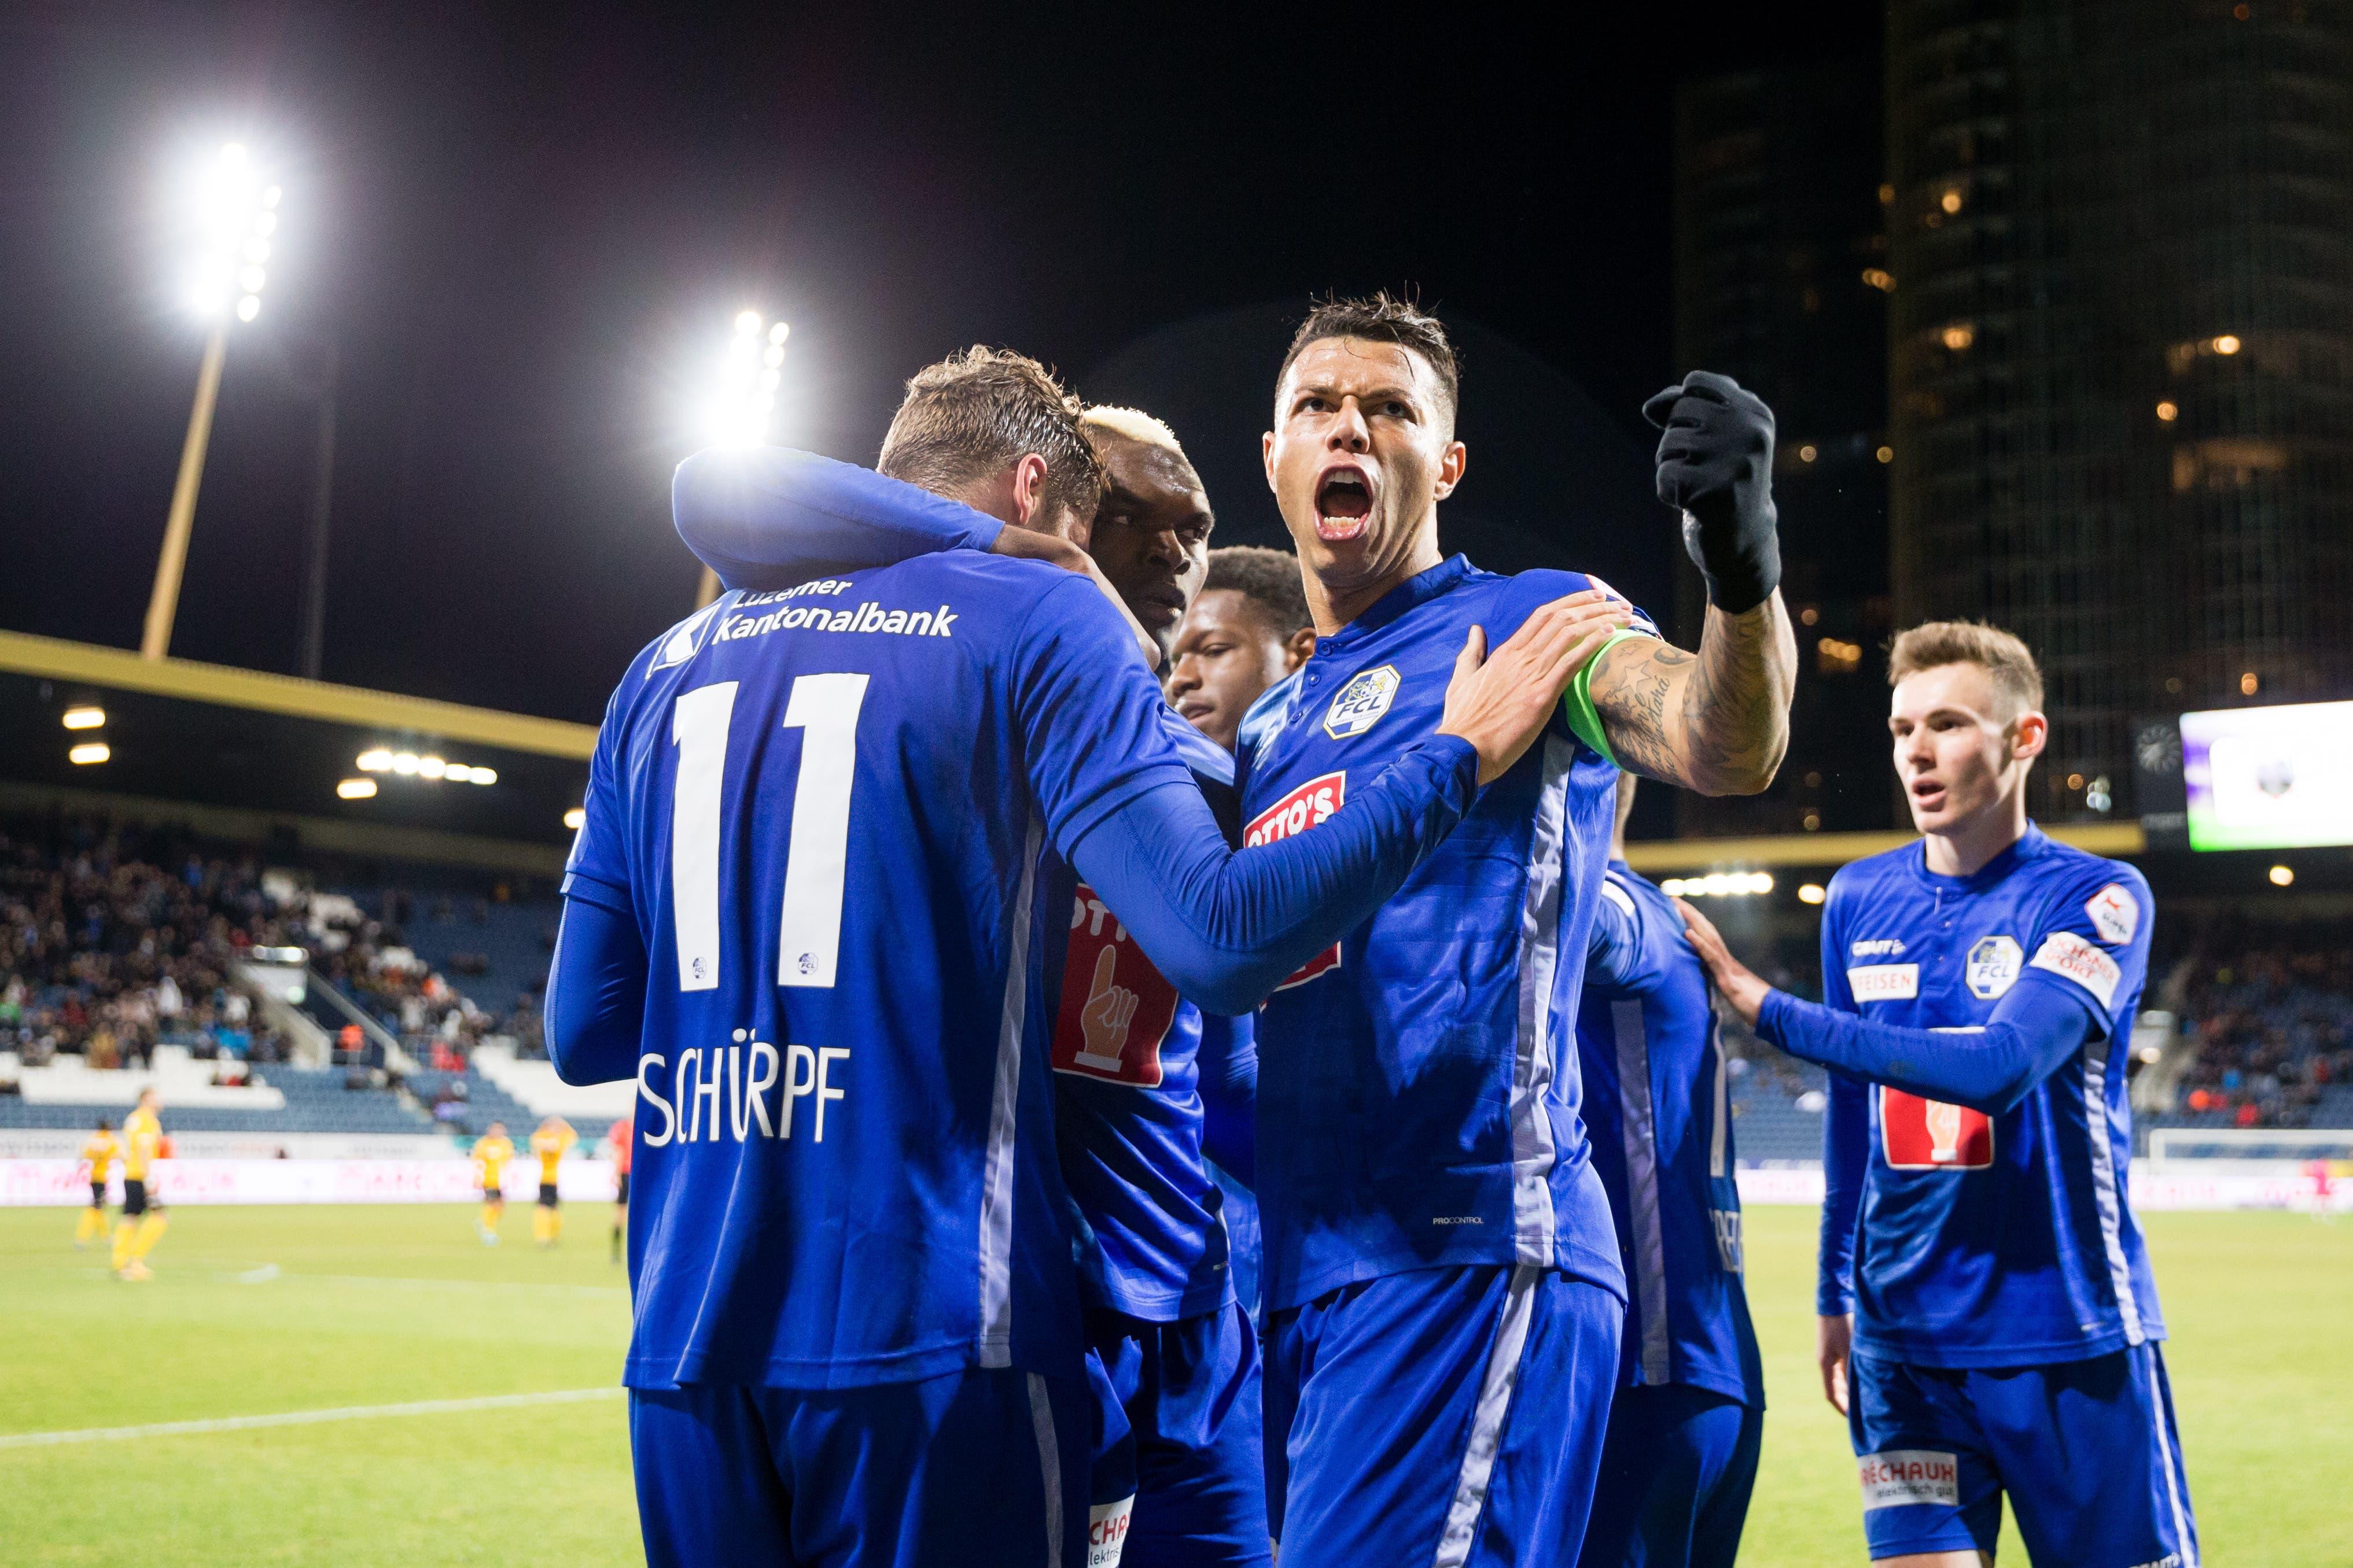 Geballte Faust: Luzerns Lucas bejubelt das 1:0.